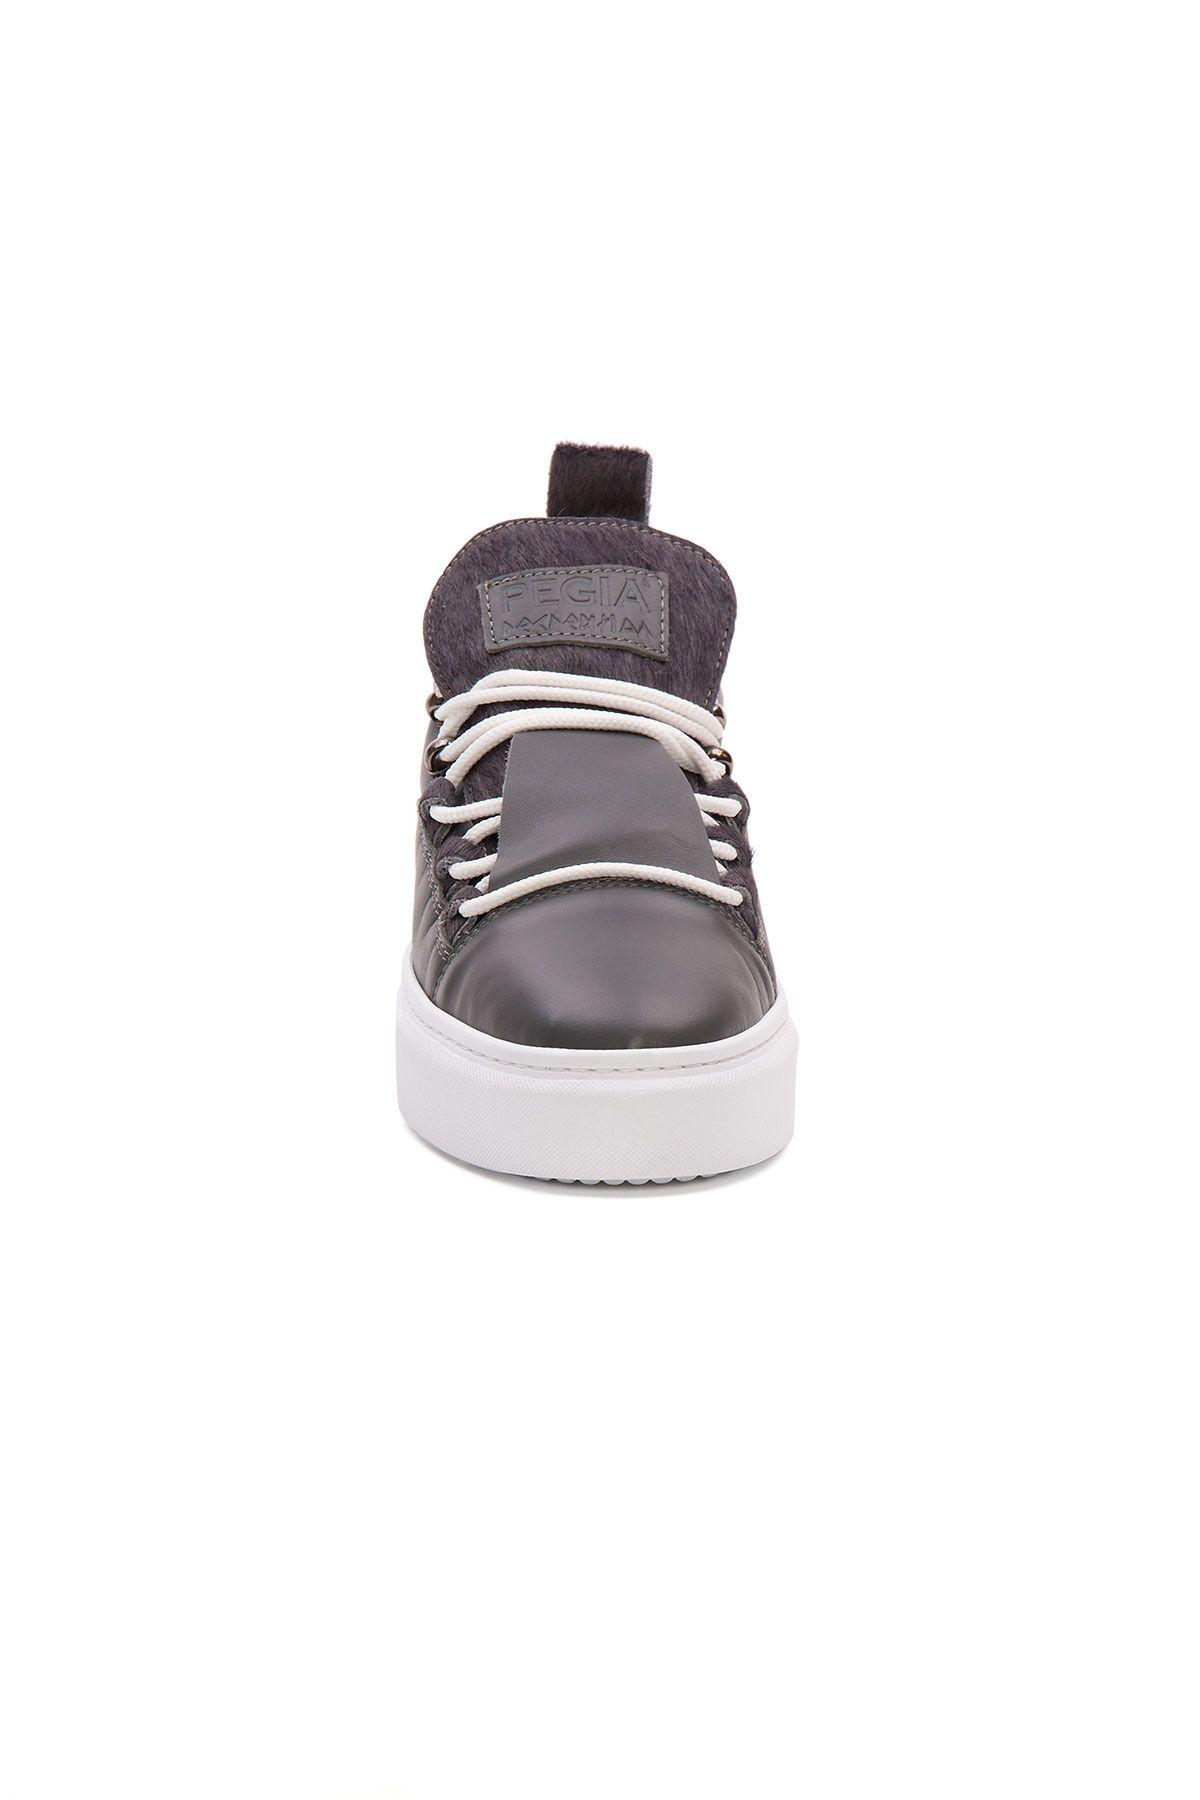 Pegia Genuine Leather Women's Sneaker LA1719 Gray